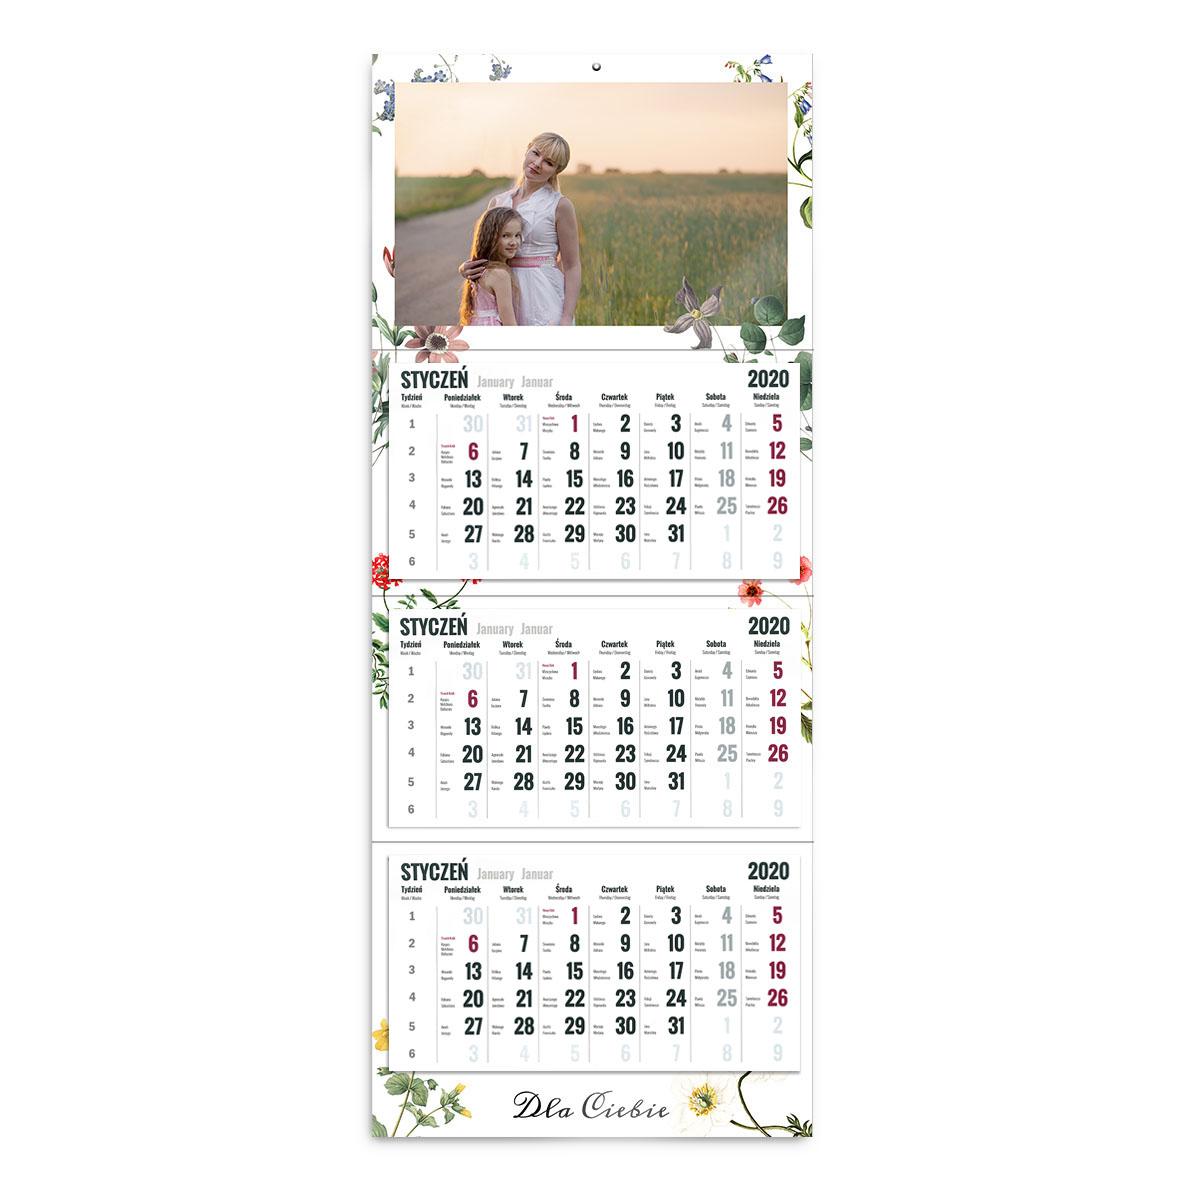 kalendarz-trojdzielny-dla-ciebie-003